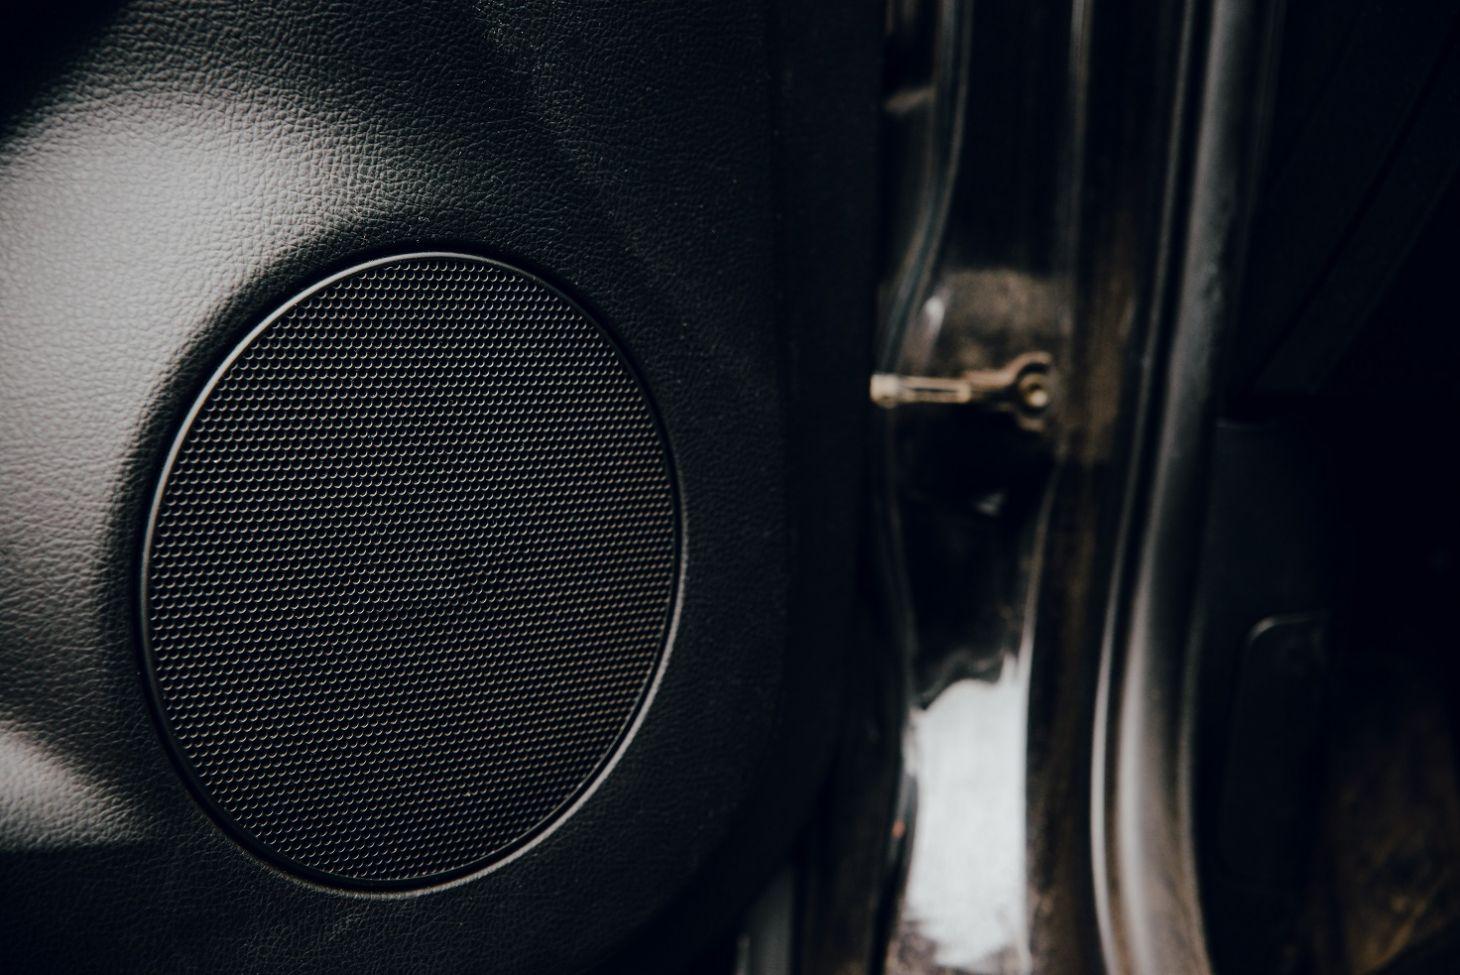 alguns carros nao sao equipados com alto falante e preparacao para som